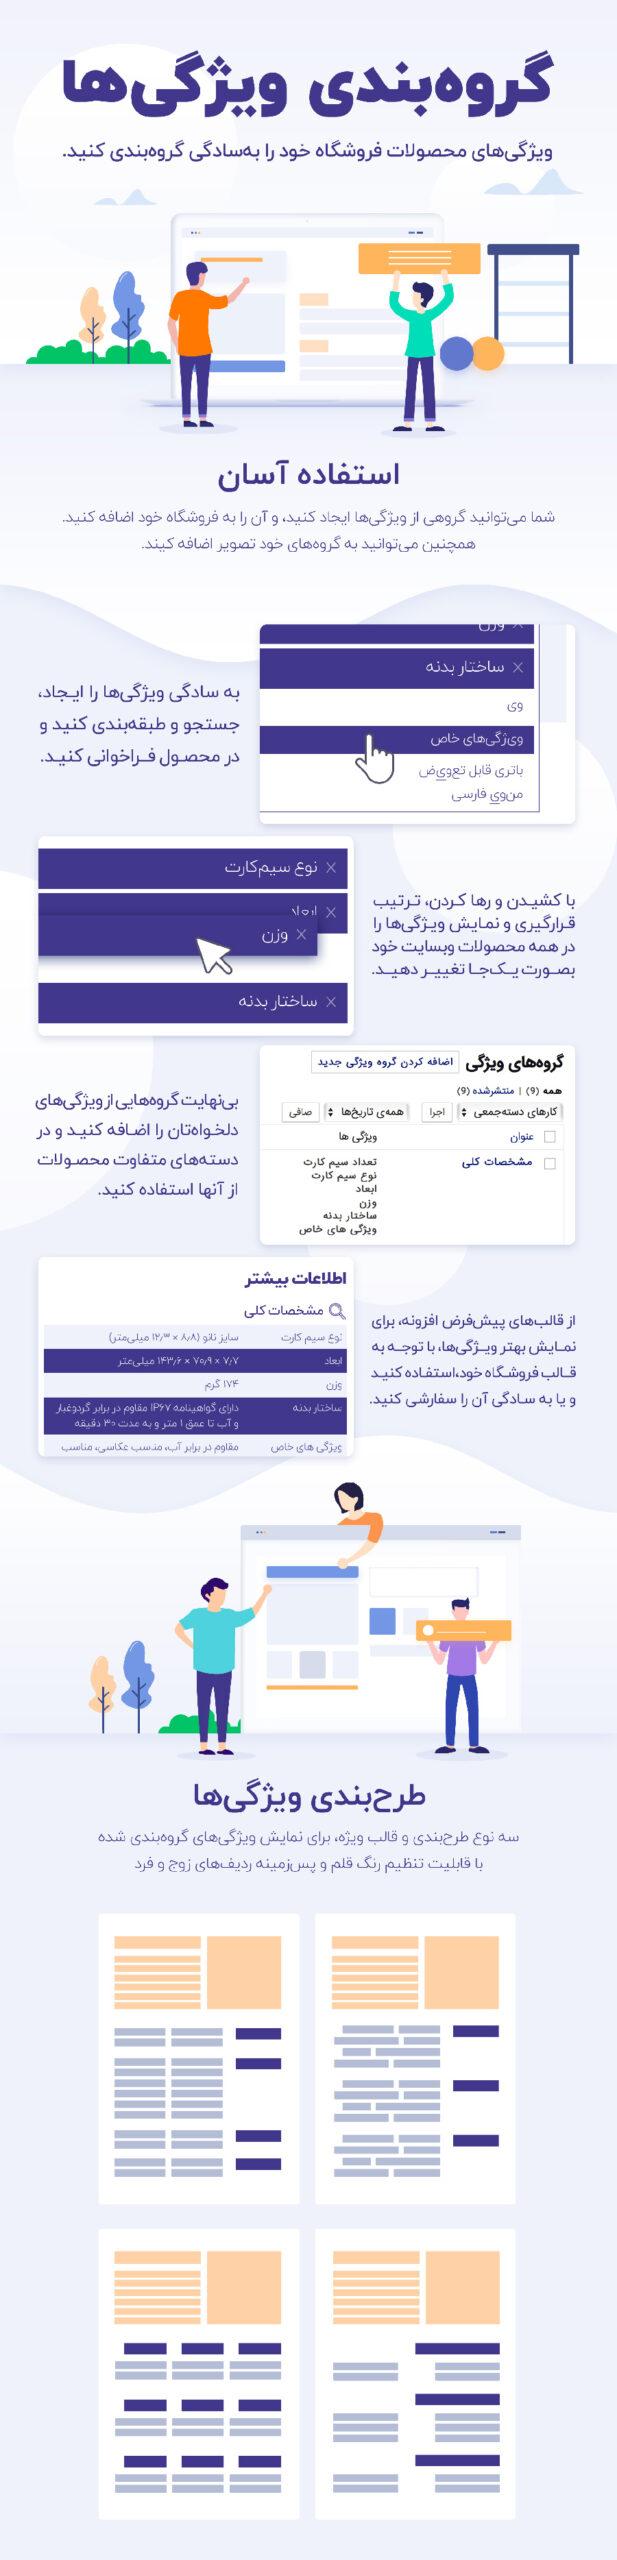 افزونه گروه بندی ویژگی های ووکامرس | WooCommerce Group Attributes